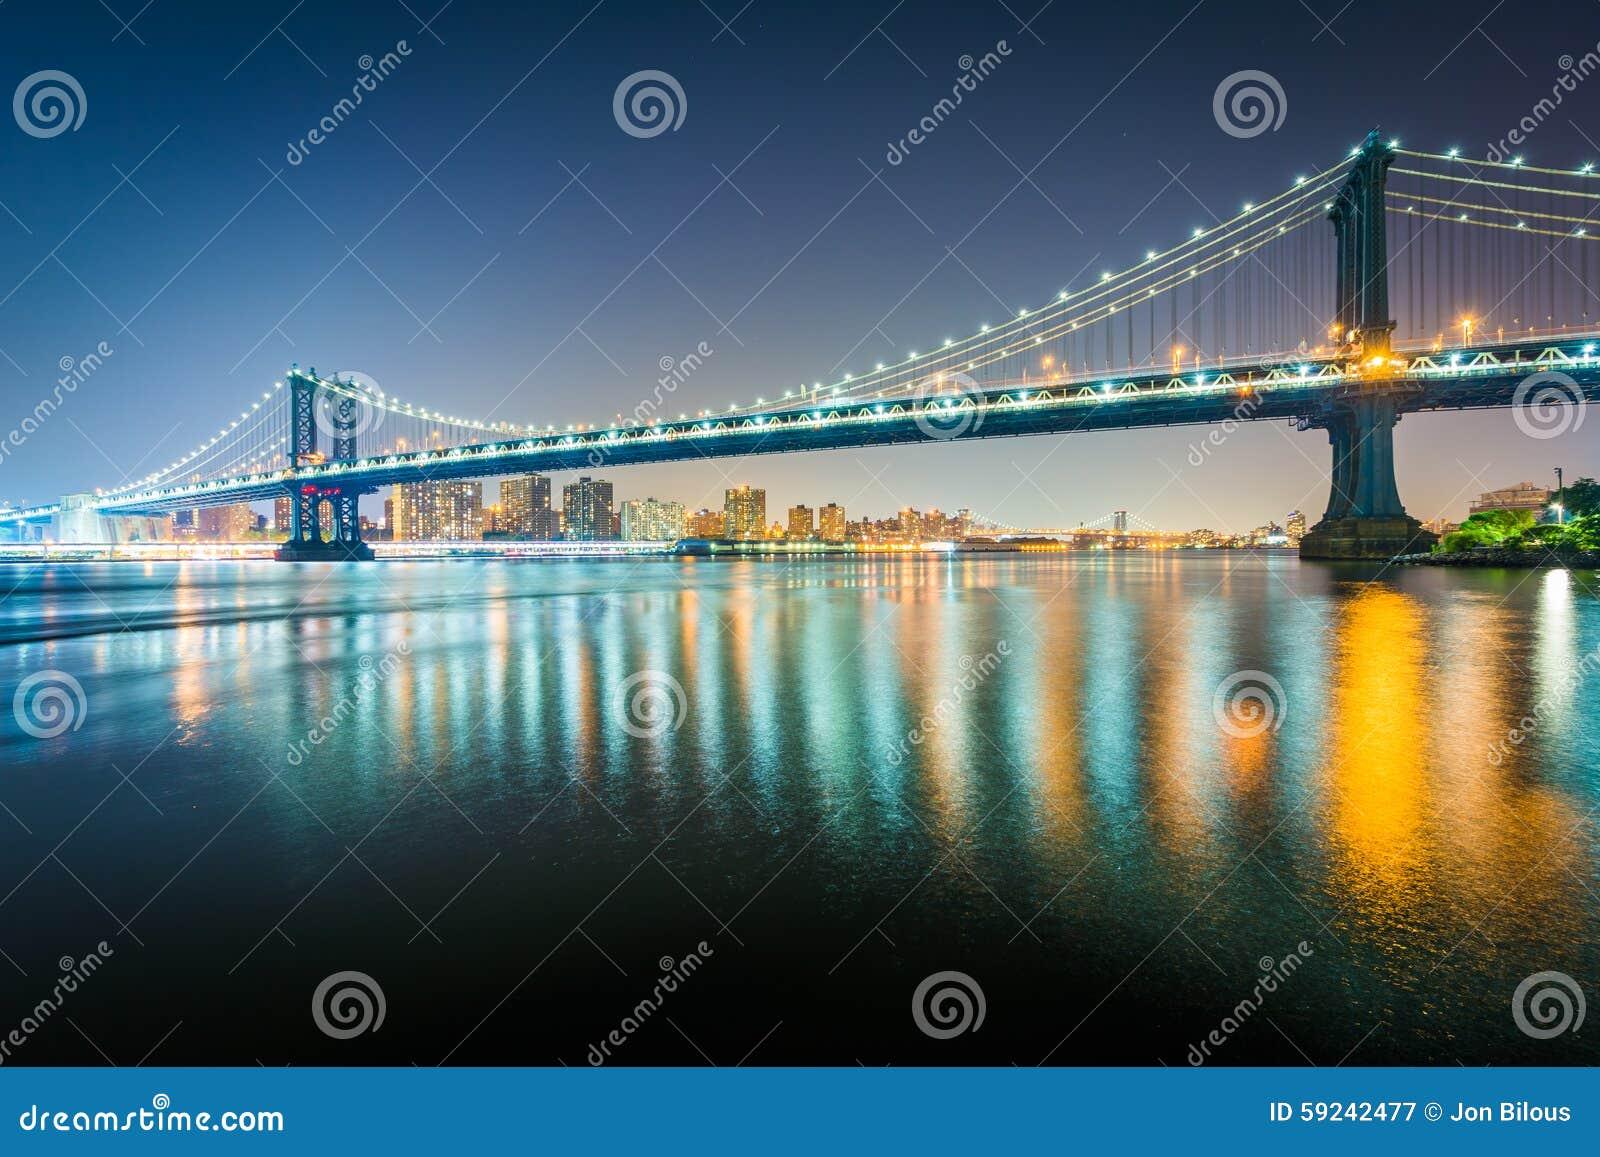 Download El Puente De Manhattan En La Noche, Vista De Parque Del Puente De Brooklyn, I Imagen de archivo - Imagen de configuración, color: 59242477